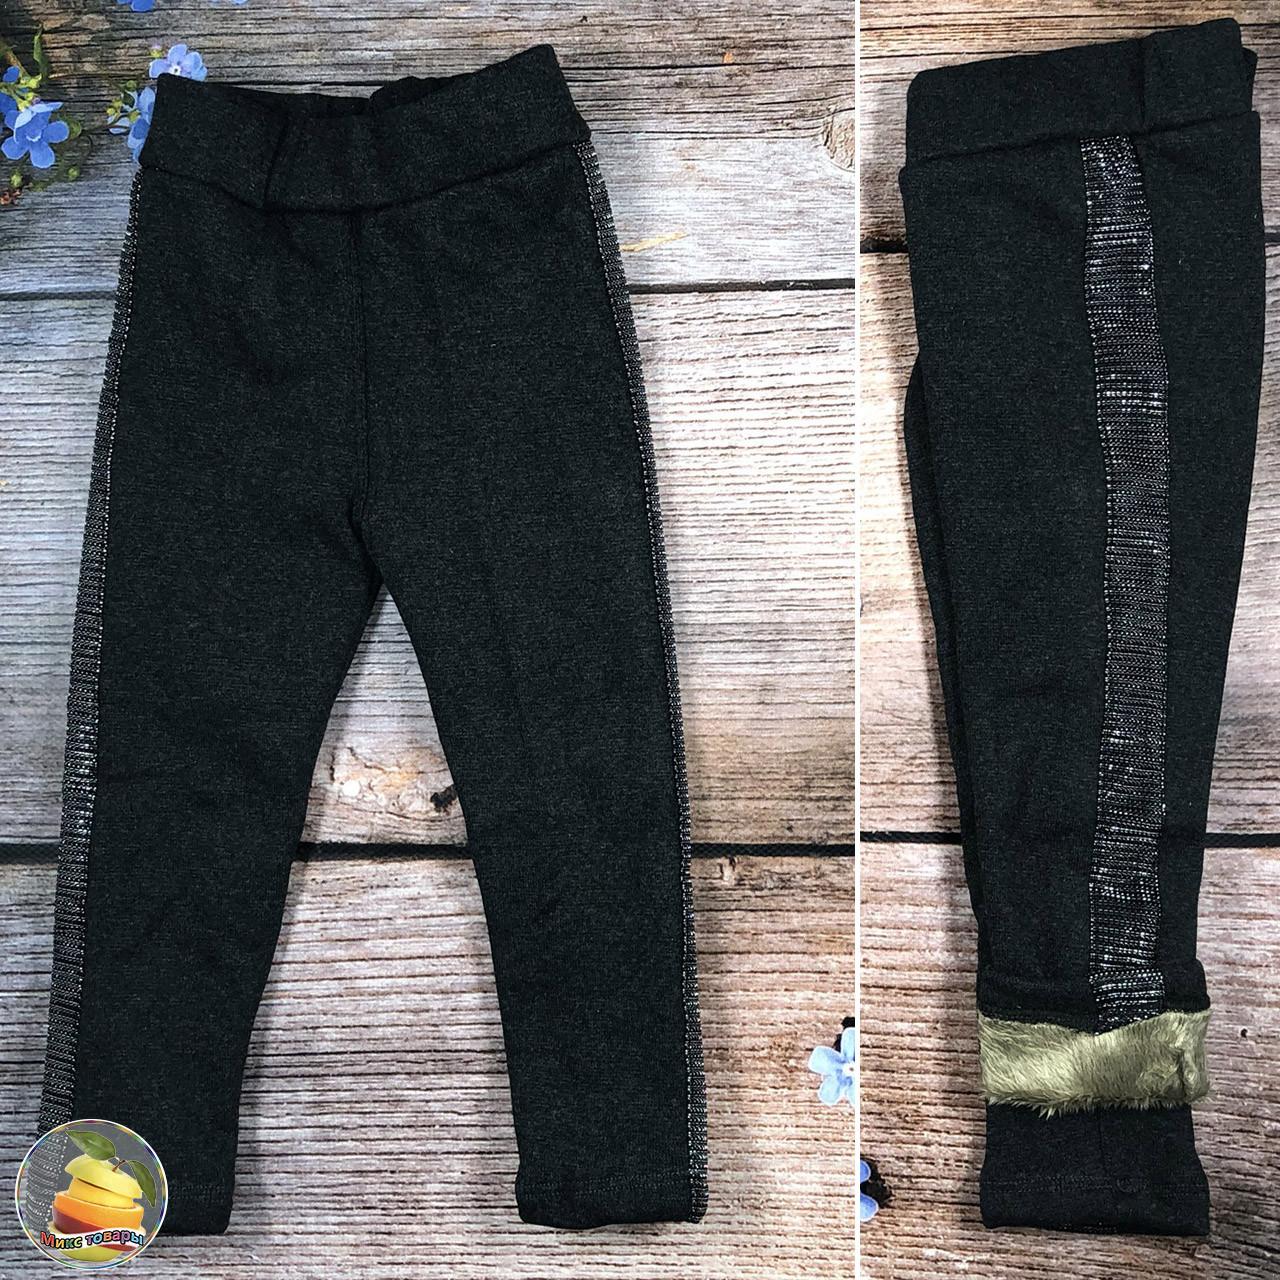 Турецкие чёрные лосины с мехом для девочек подростков Размеры: 10,11,12,13,14 лет (21106)